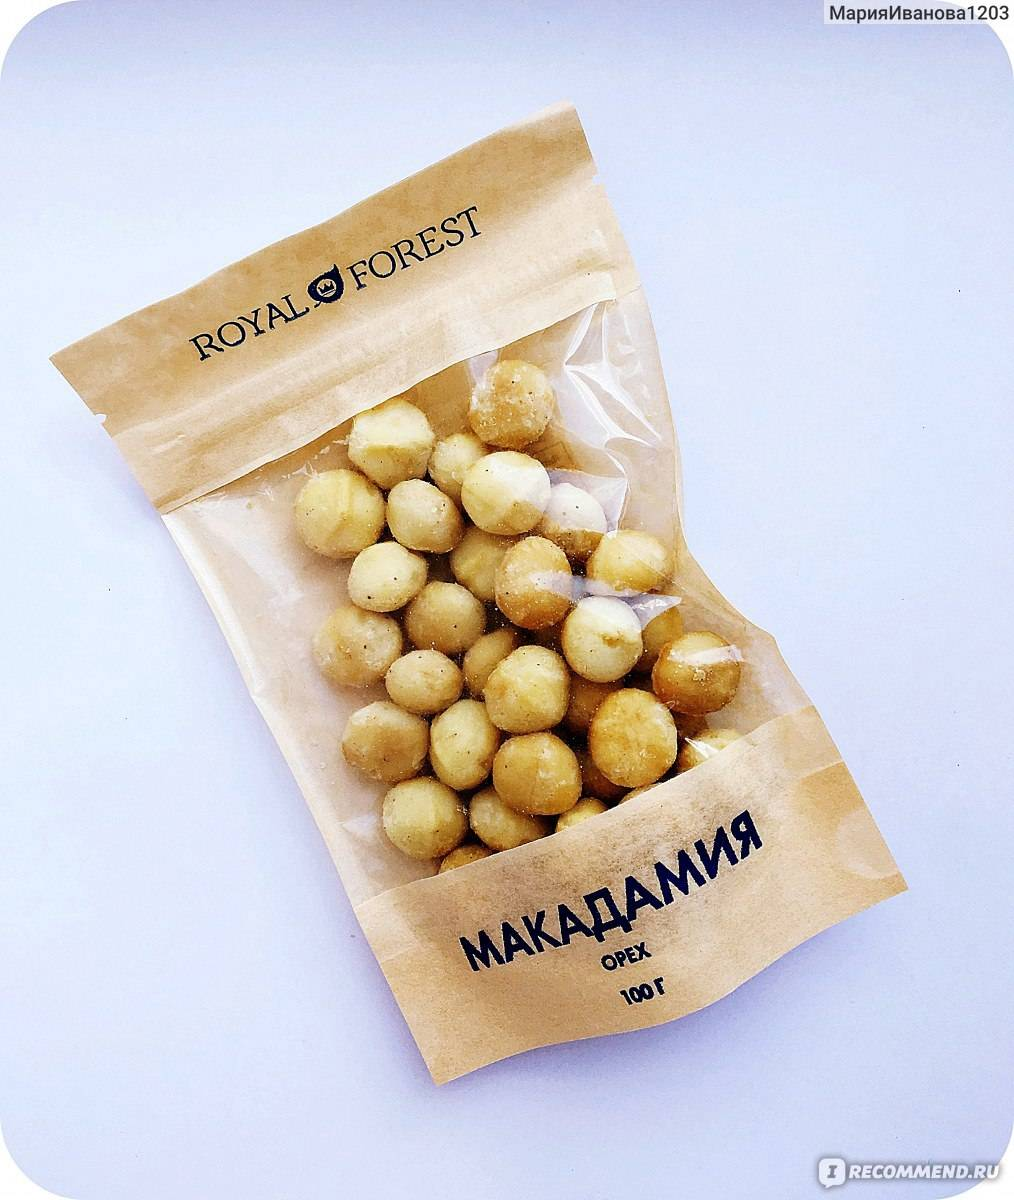 Макадамия орех: польза и вред, вкус, калорийность